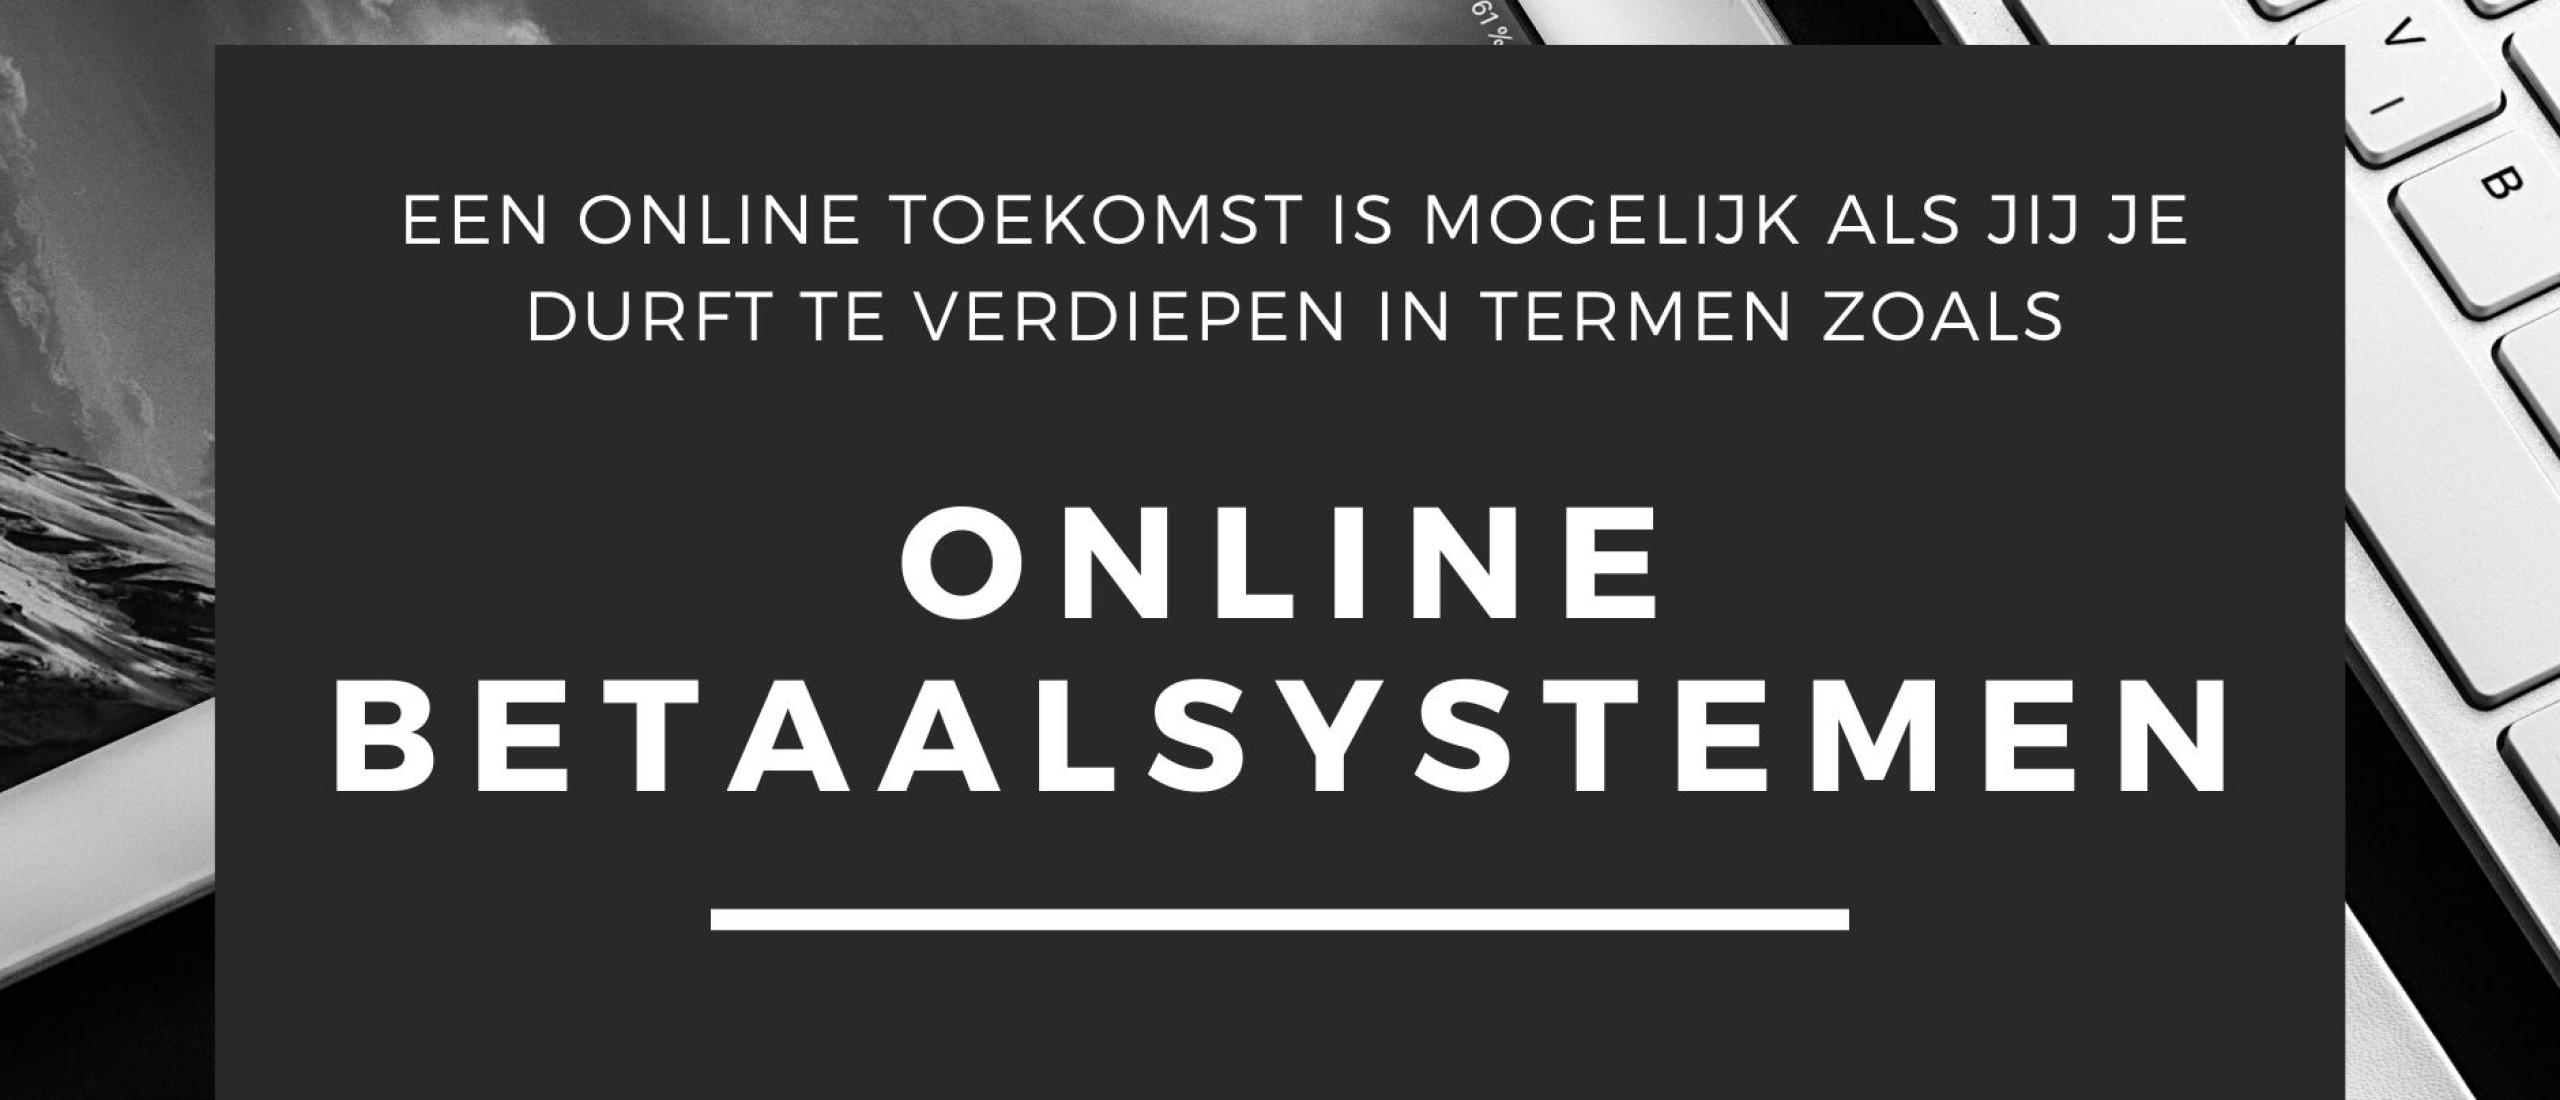 Online Betaalsystemen